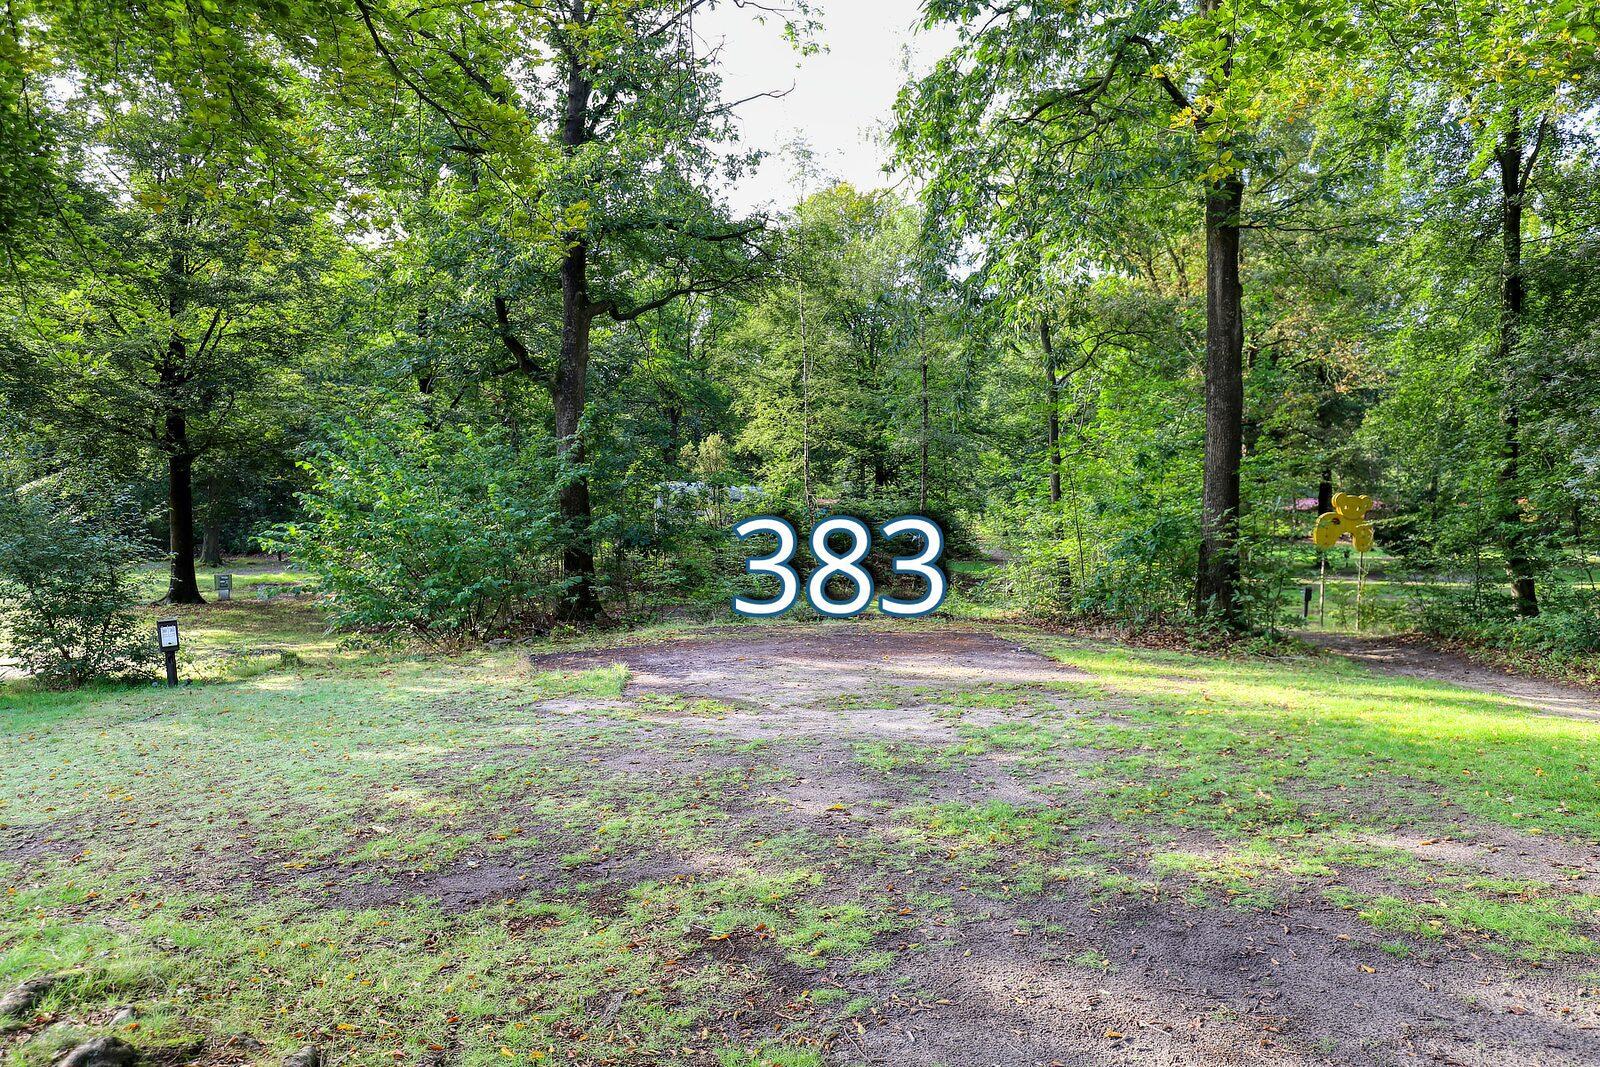 houtduif 383